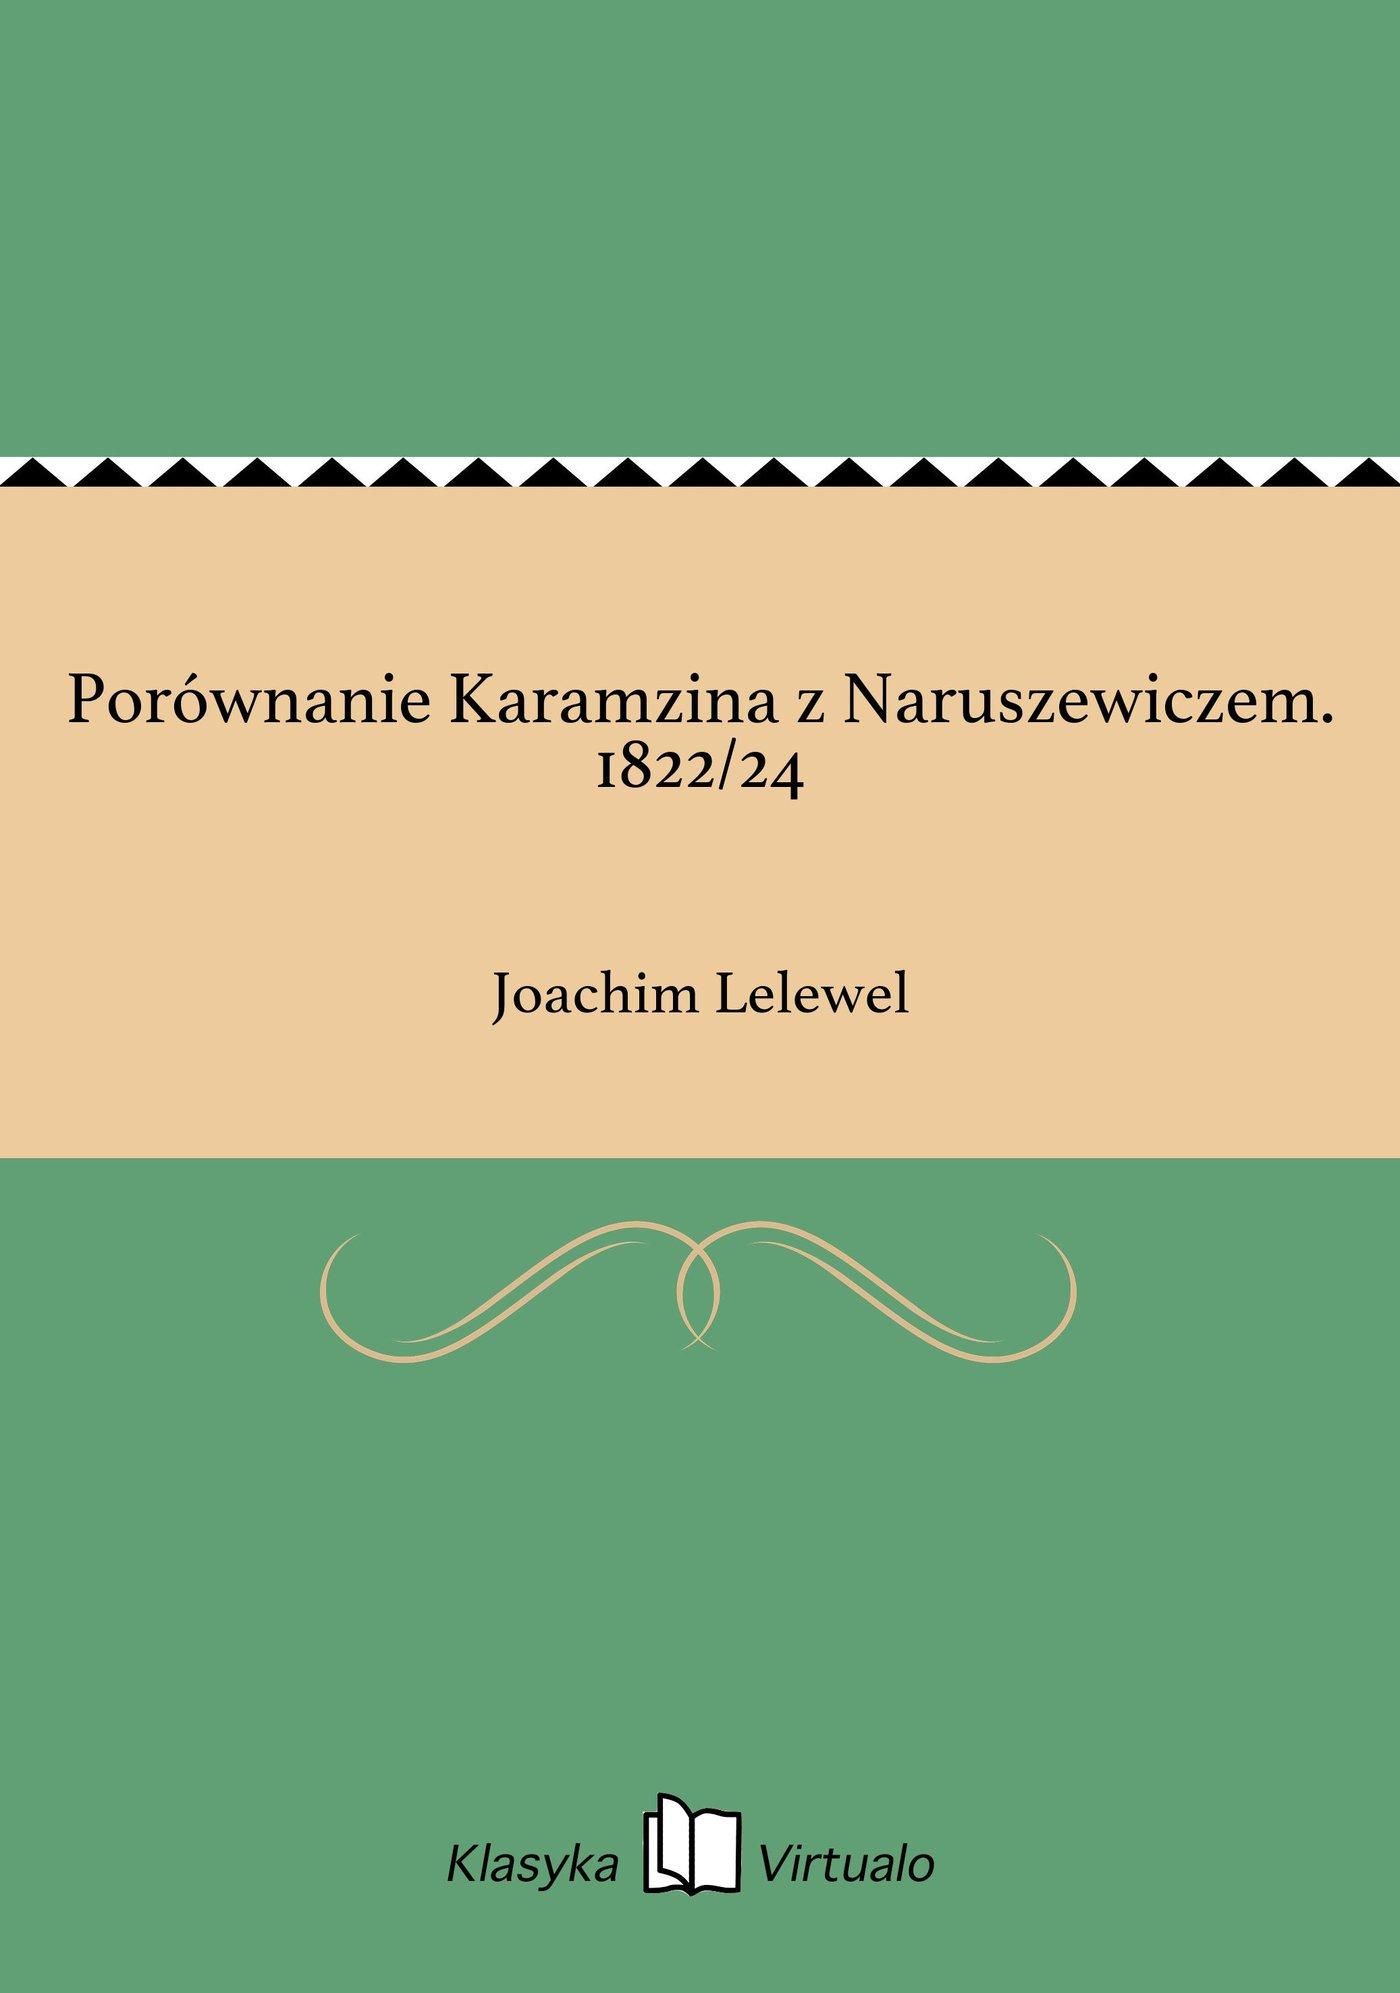 Porównanie Karamzina z Naruszewiczem. 1822/24 - Ebook (Książka EPUB) do pobrania w formacie EPUB